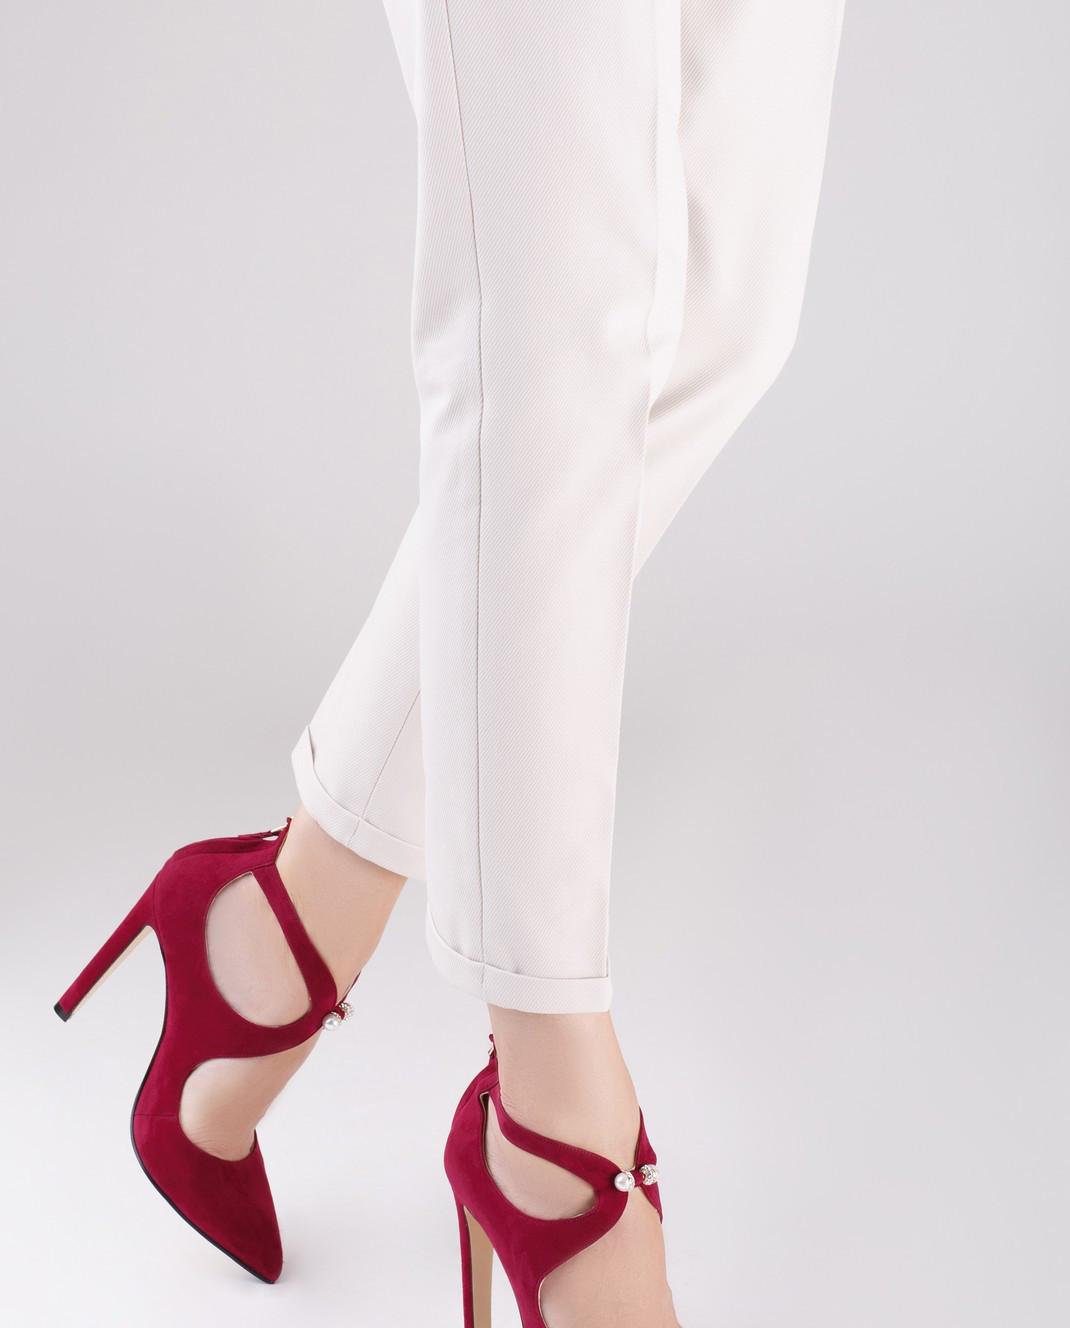 Cerasella Бордовые замшевые туфли PAOLA изображение 2